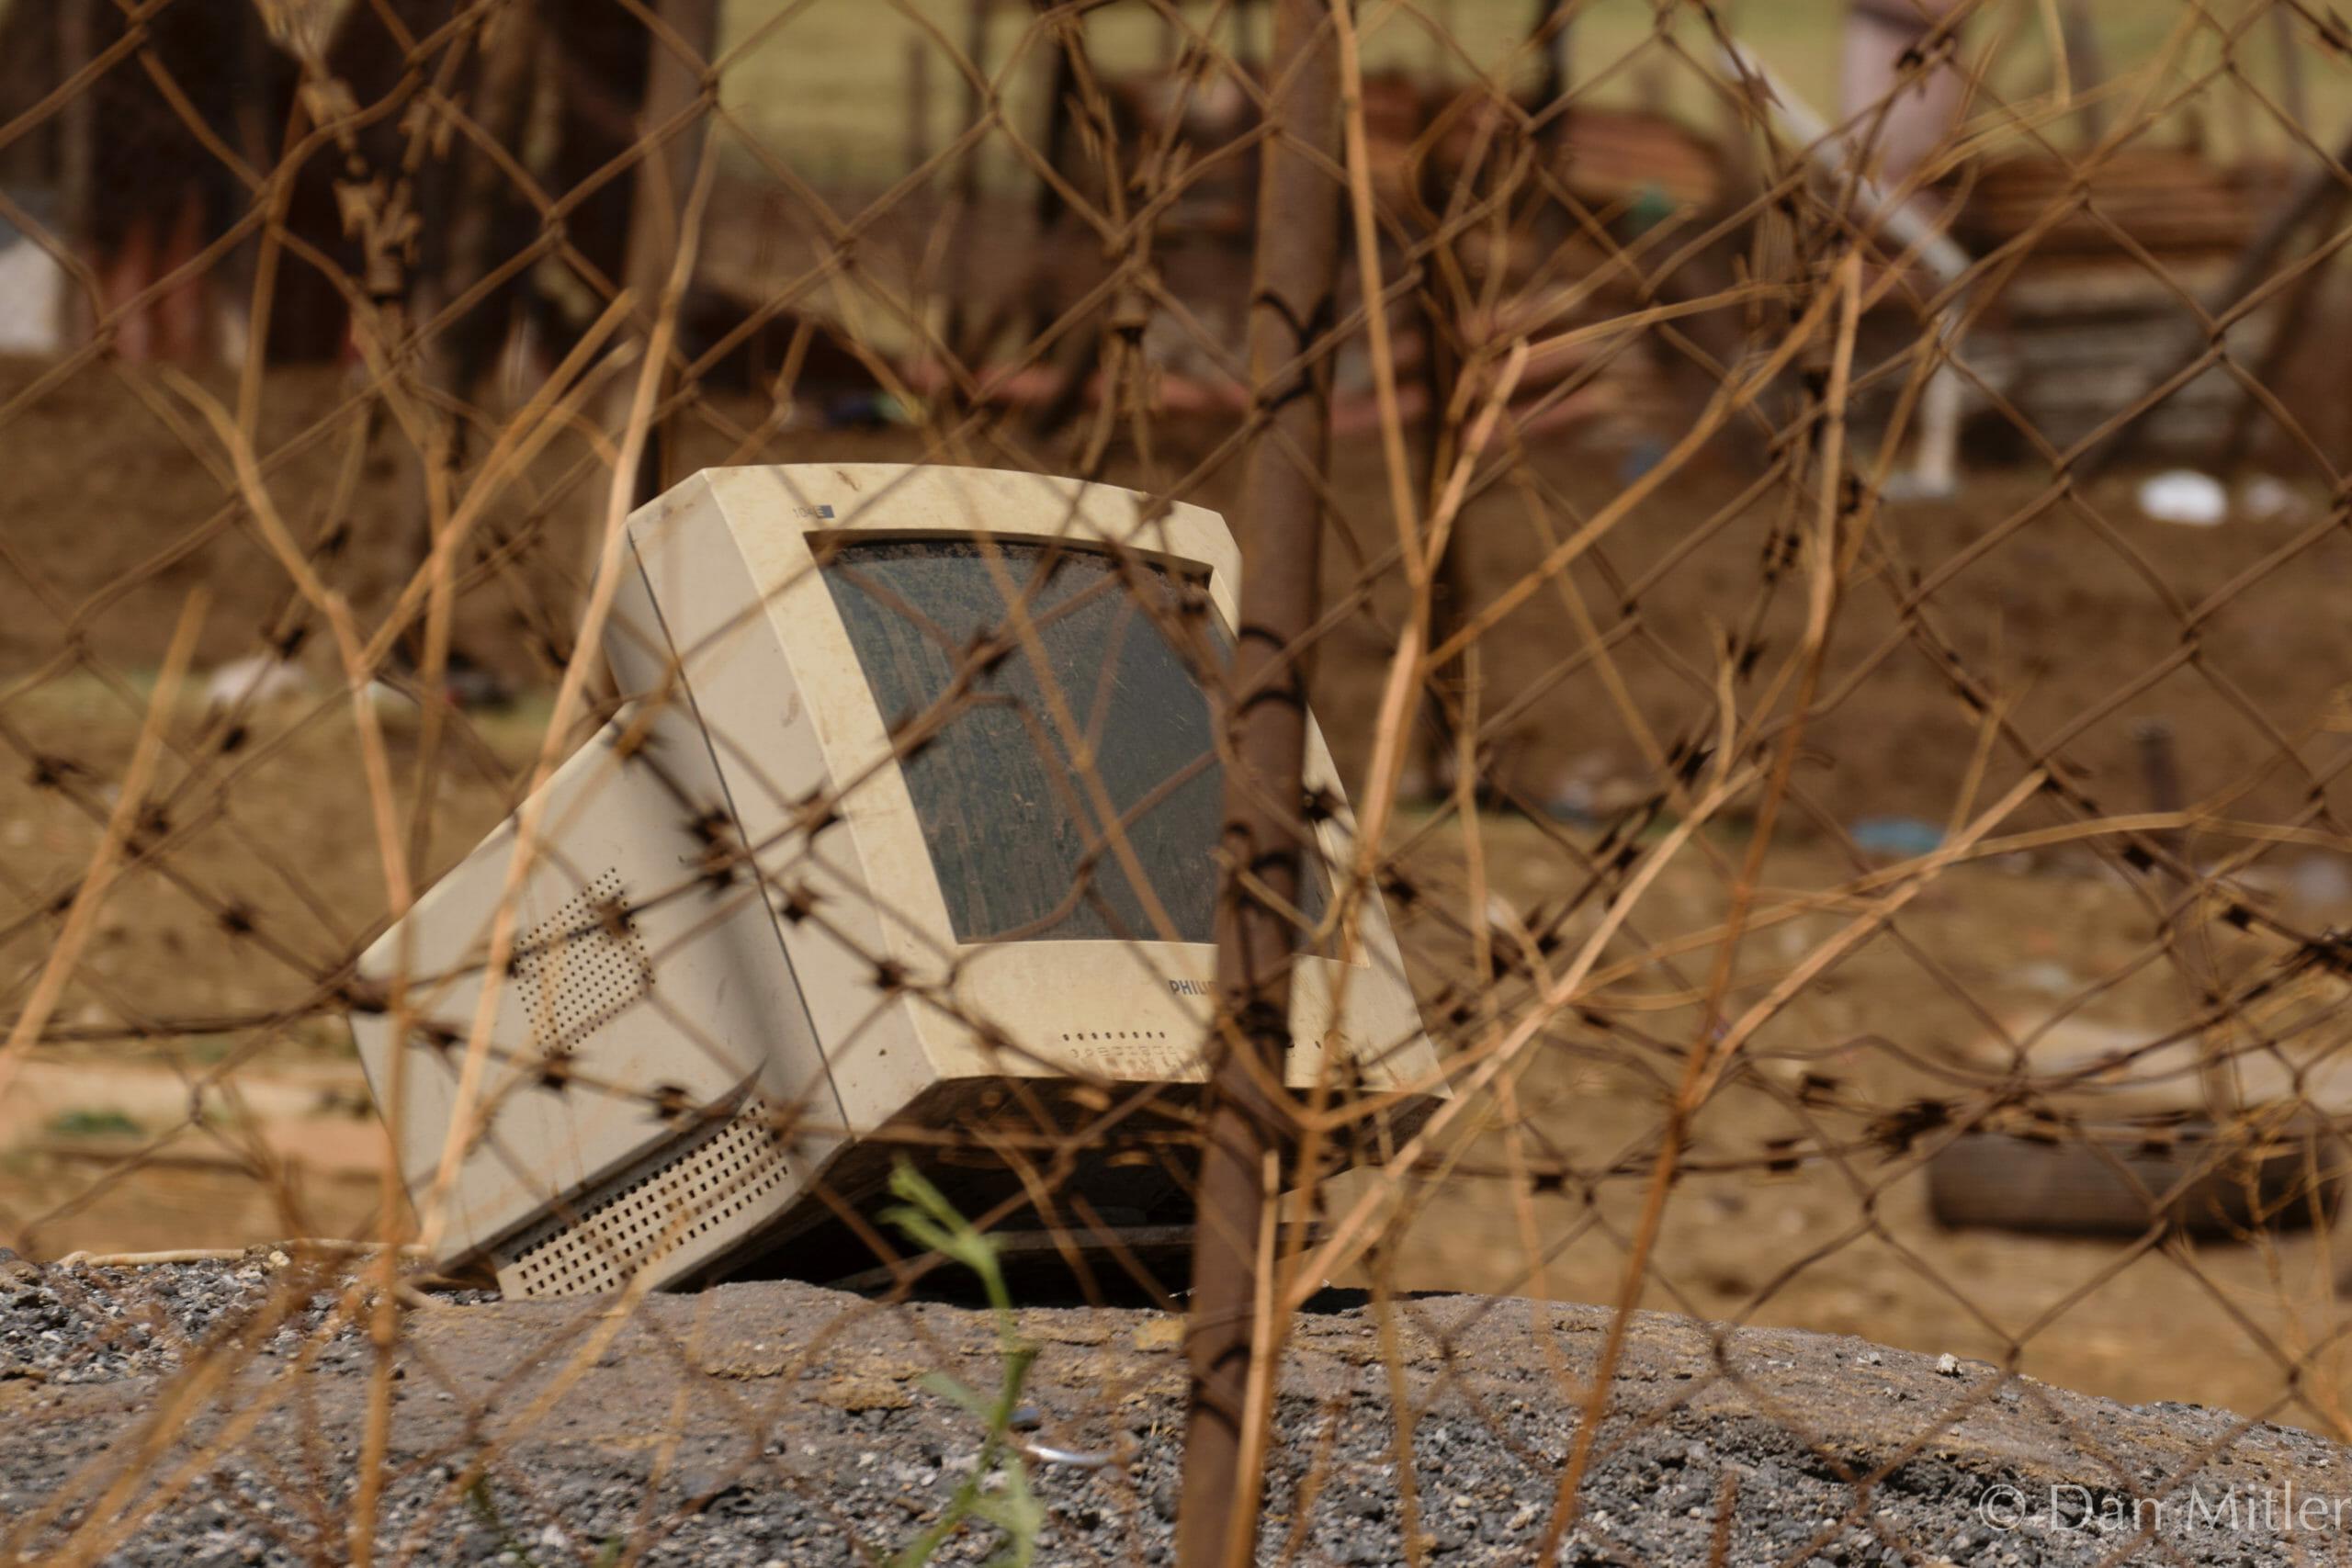 Read more about the article Danske kommuner dumper IT-affald i Afrika